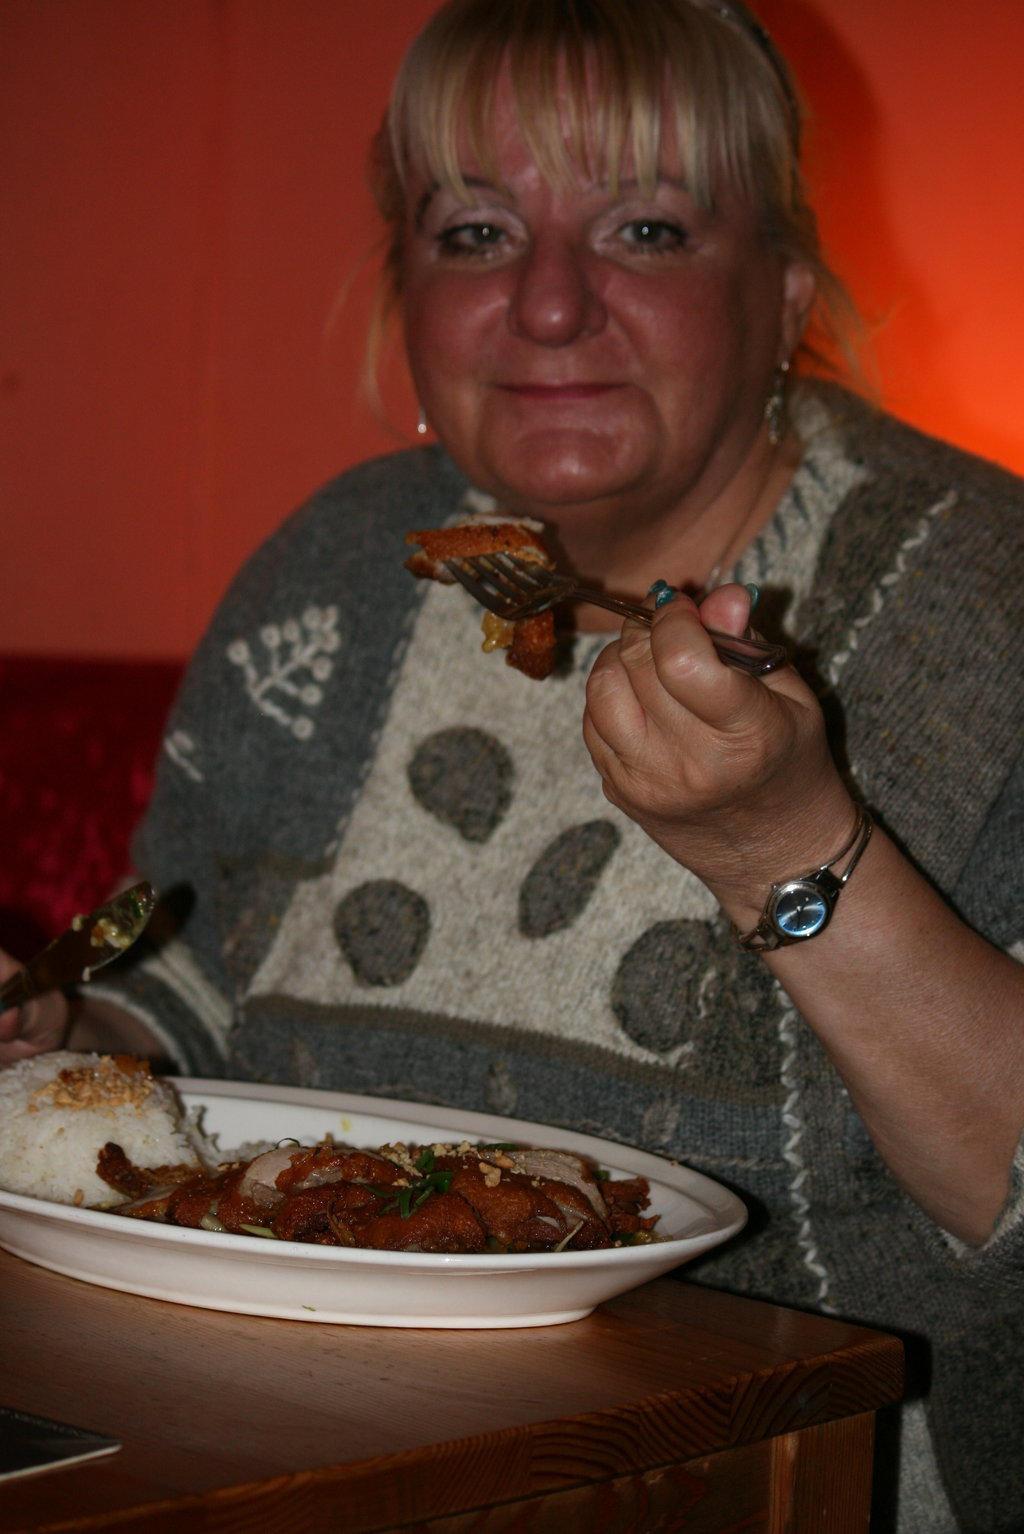 Ingeline eating in restaurant